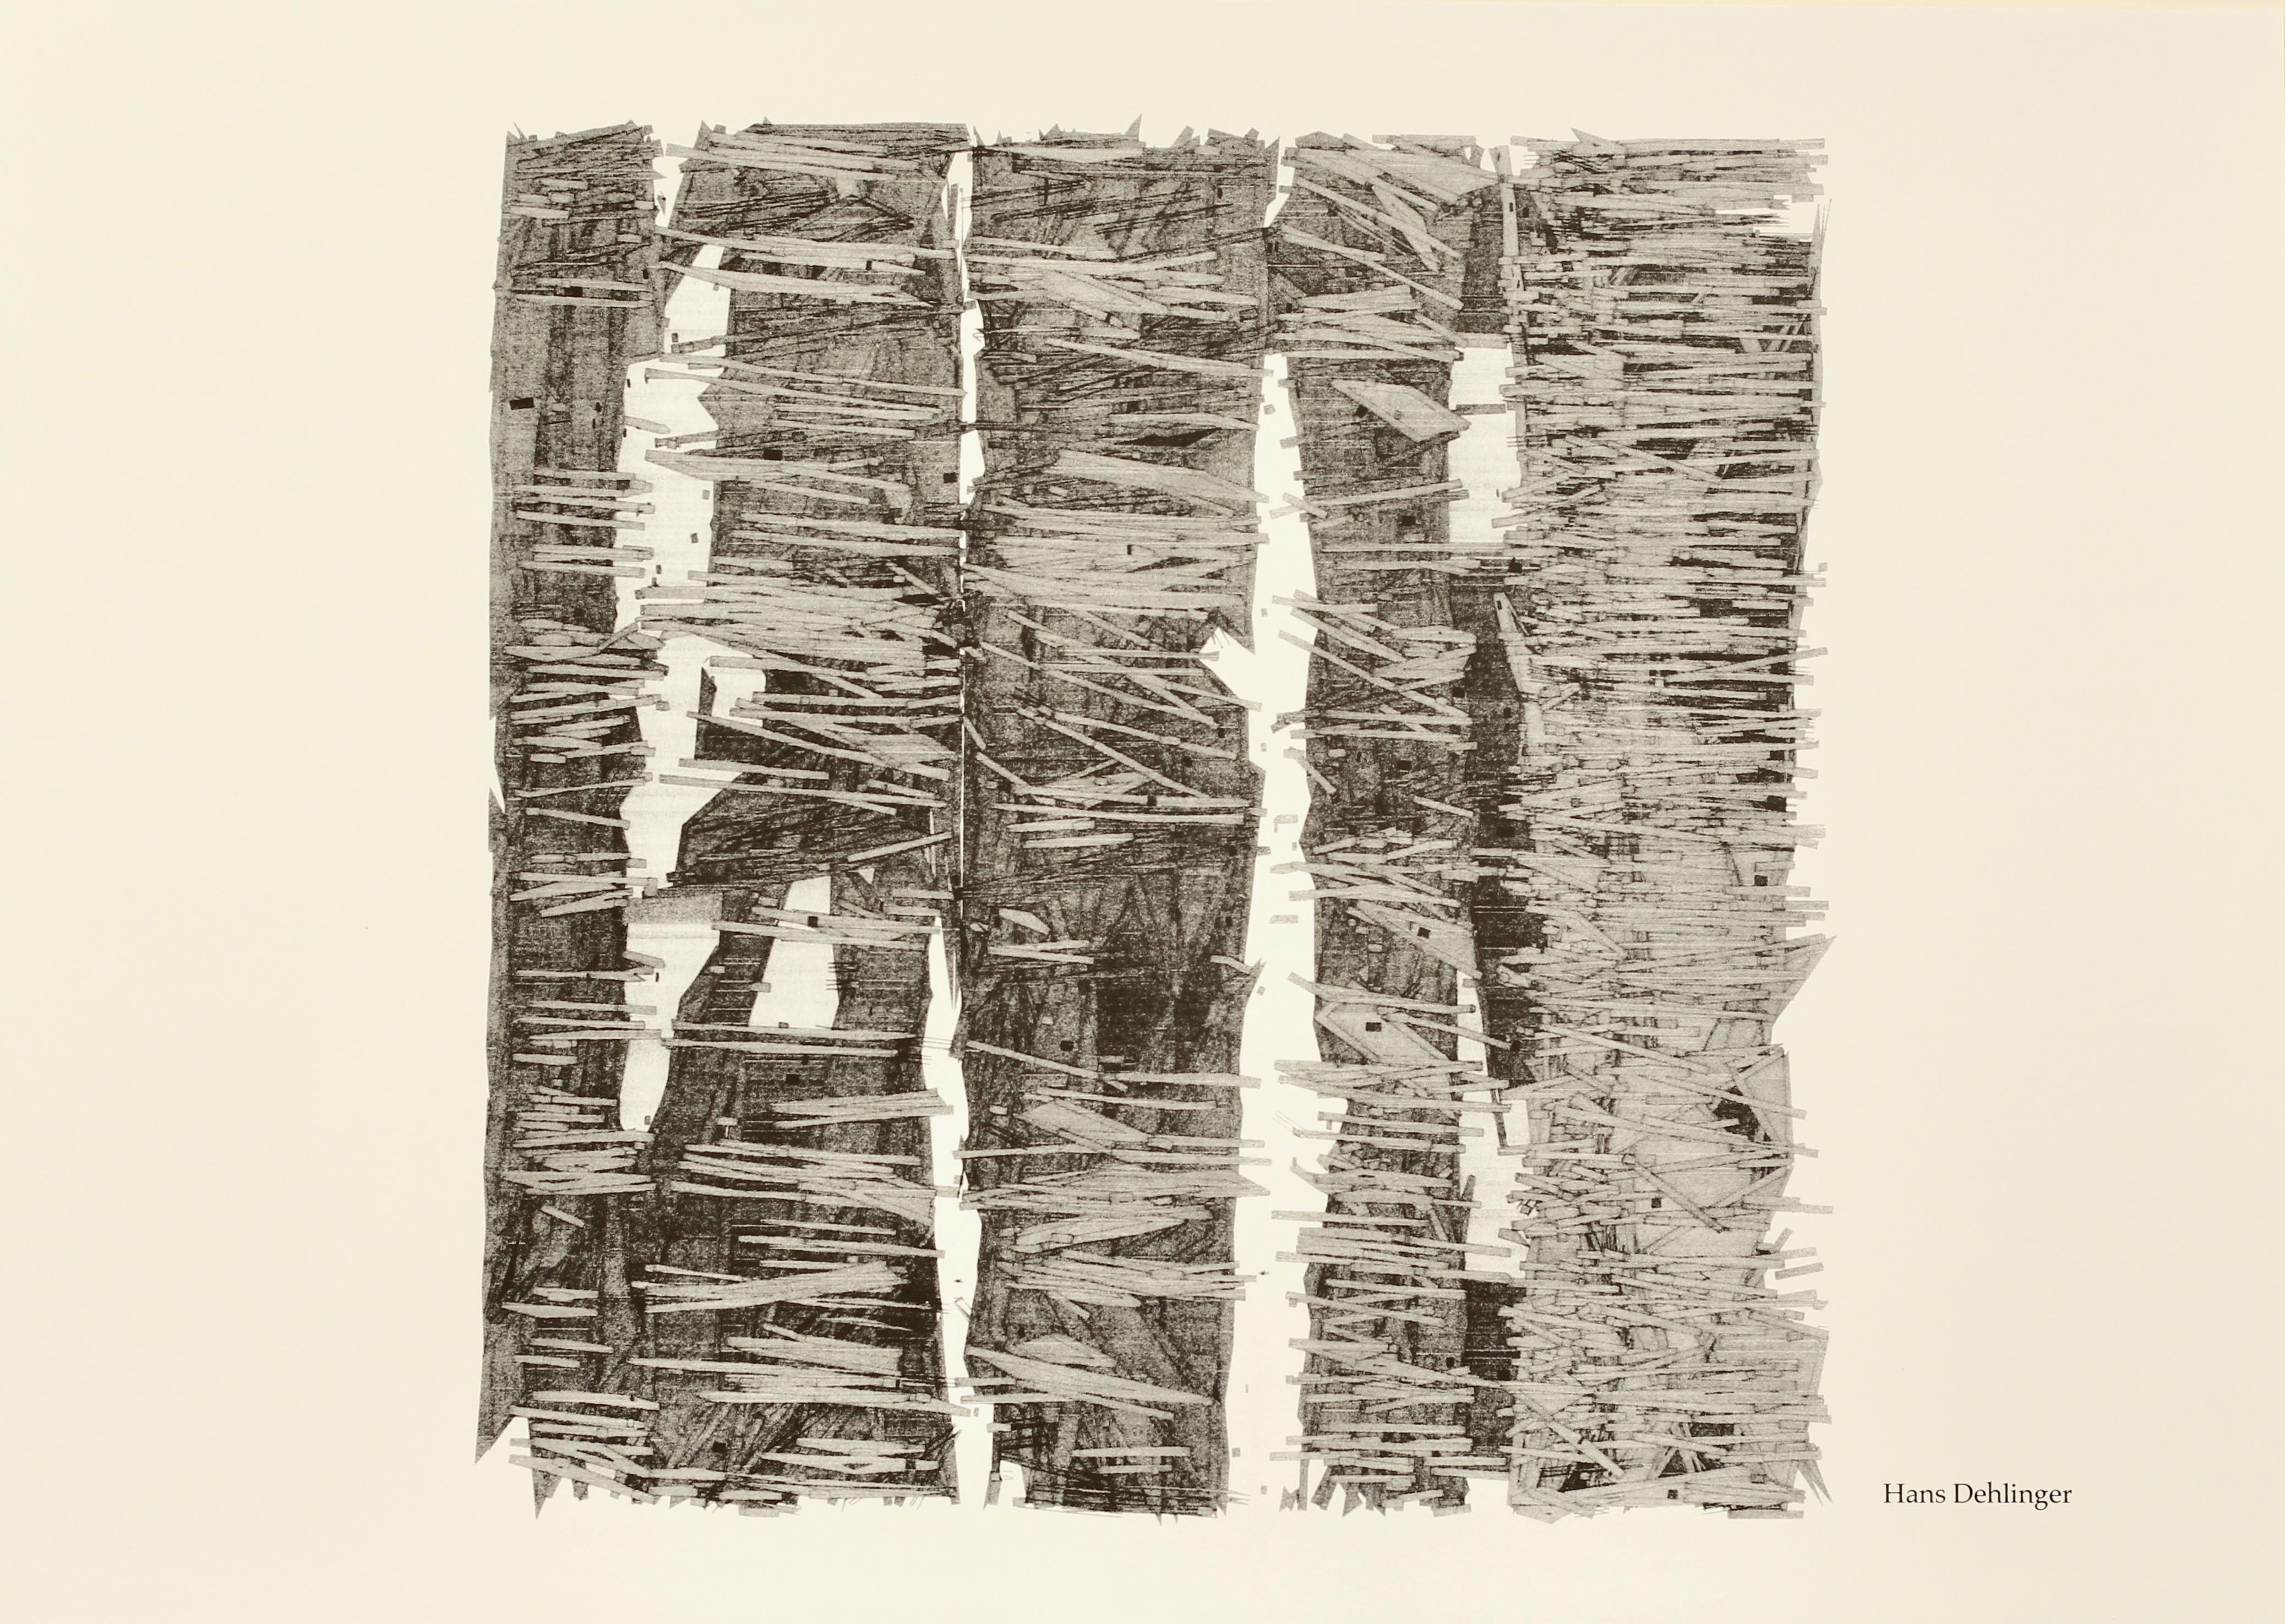 Hans Dehlinger, WUE-LIX-YO5, Hahnemühle Fine Art Print, 29,6 x 42 cm, Edition of 50, 2007